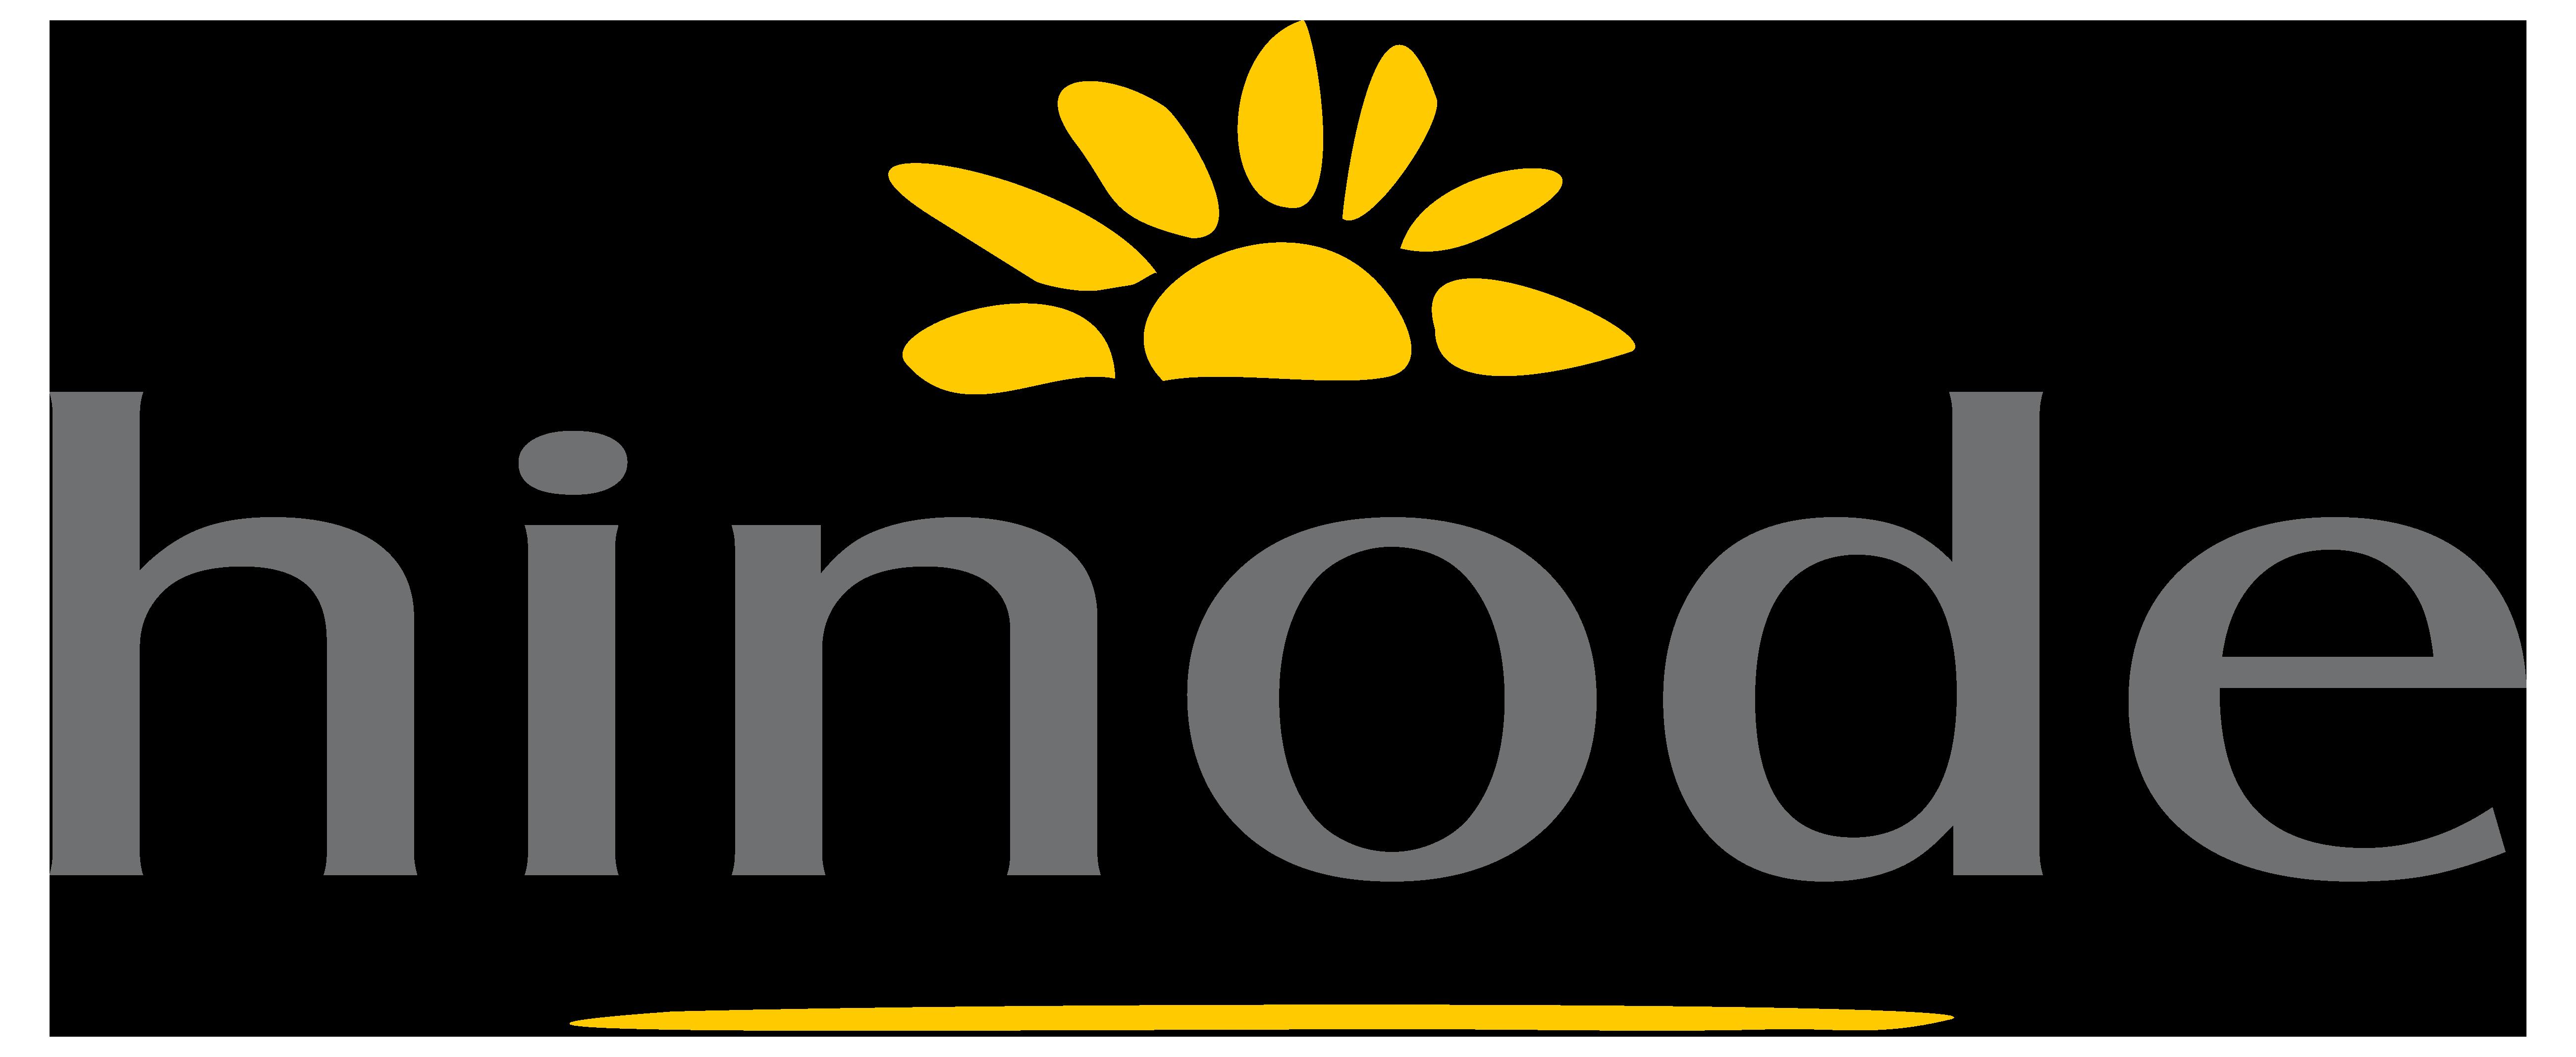 hinode-logo-2